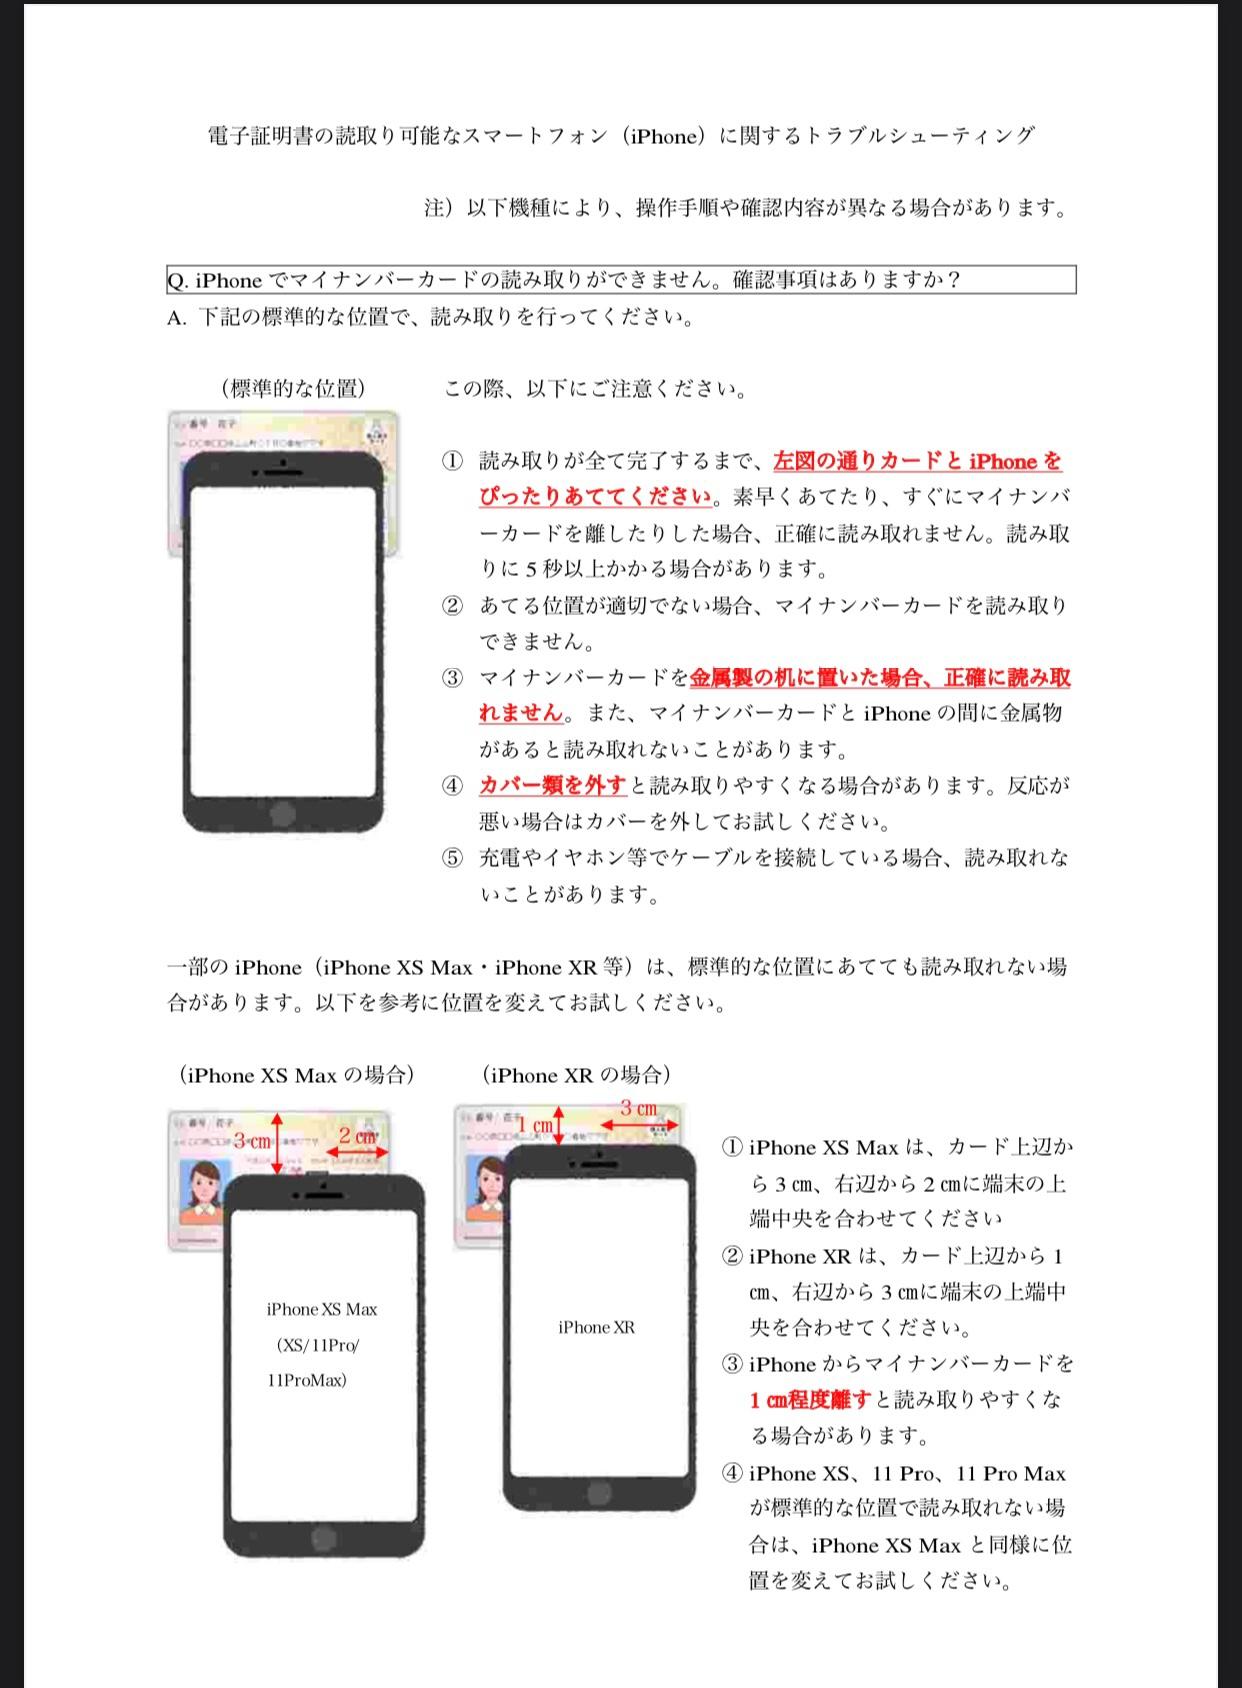 ナンバーカード 読み取れ マイ ない Iphone